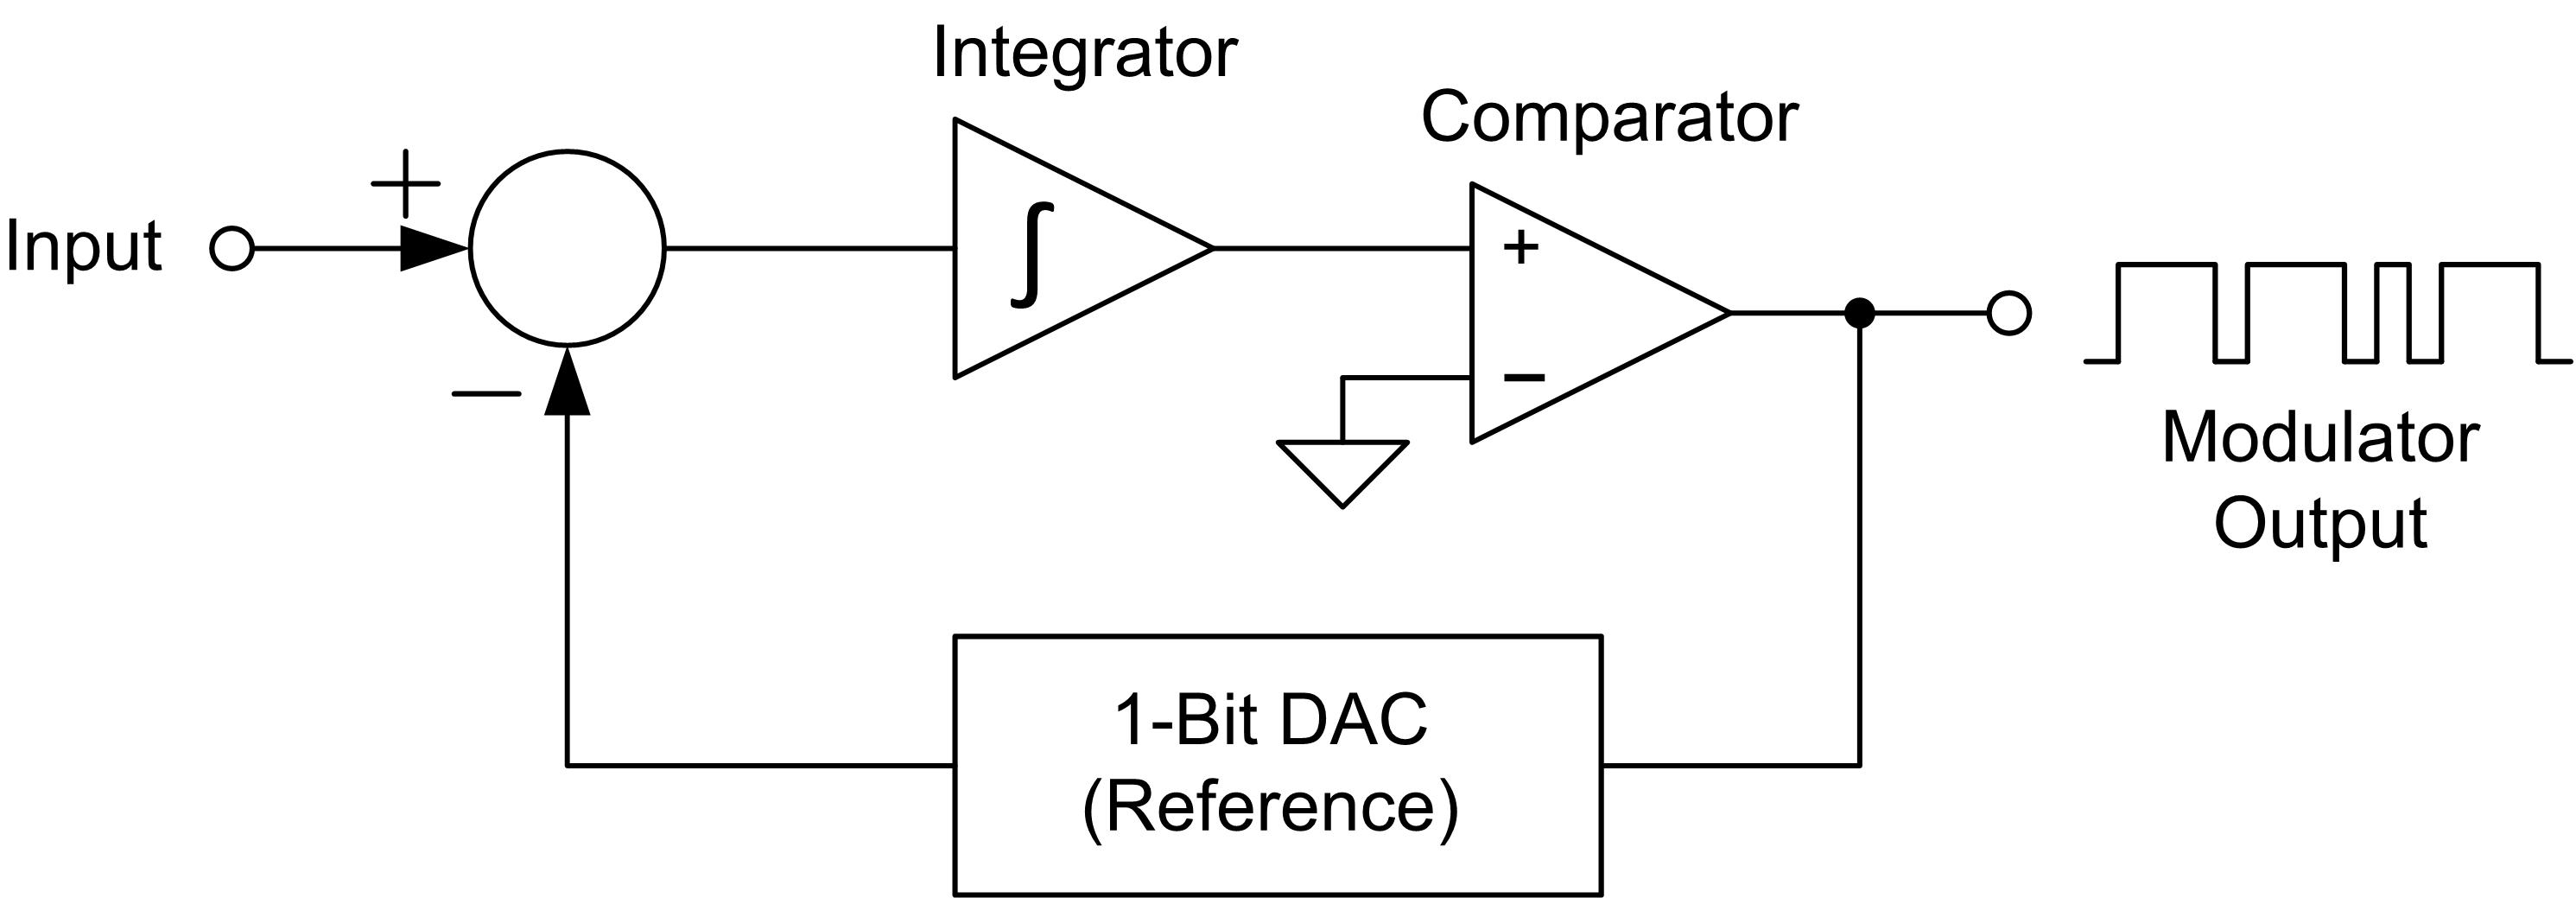 Delta sigma adc basics understanding the delta sigma modulator delta sigma adc basics understanding the delta sigma modulator precision hub archives ti e2e community baditri Image collections